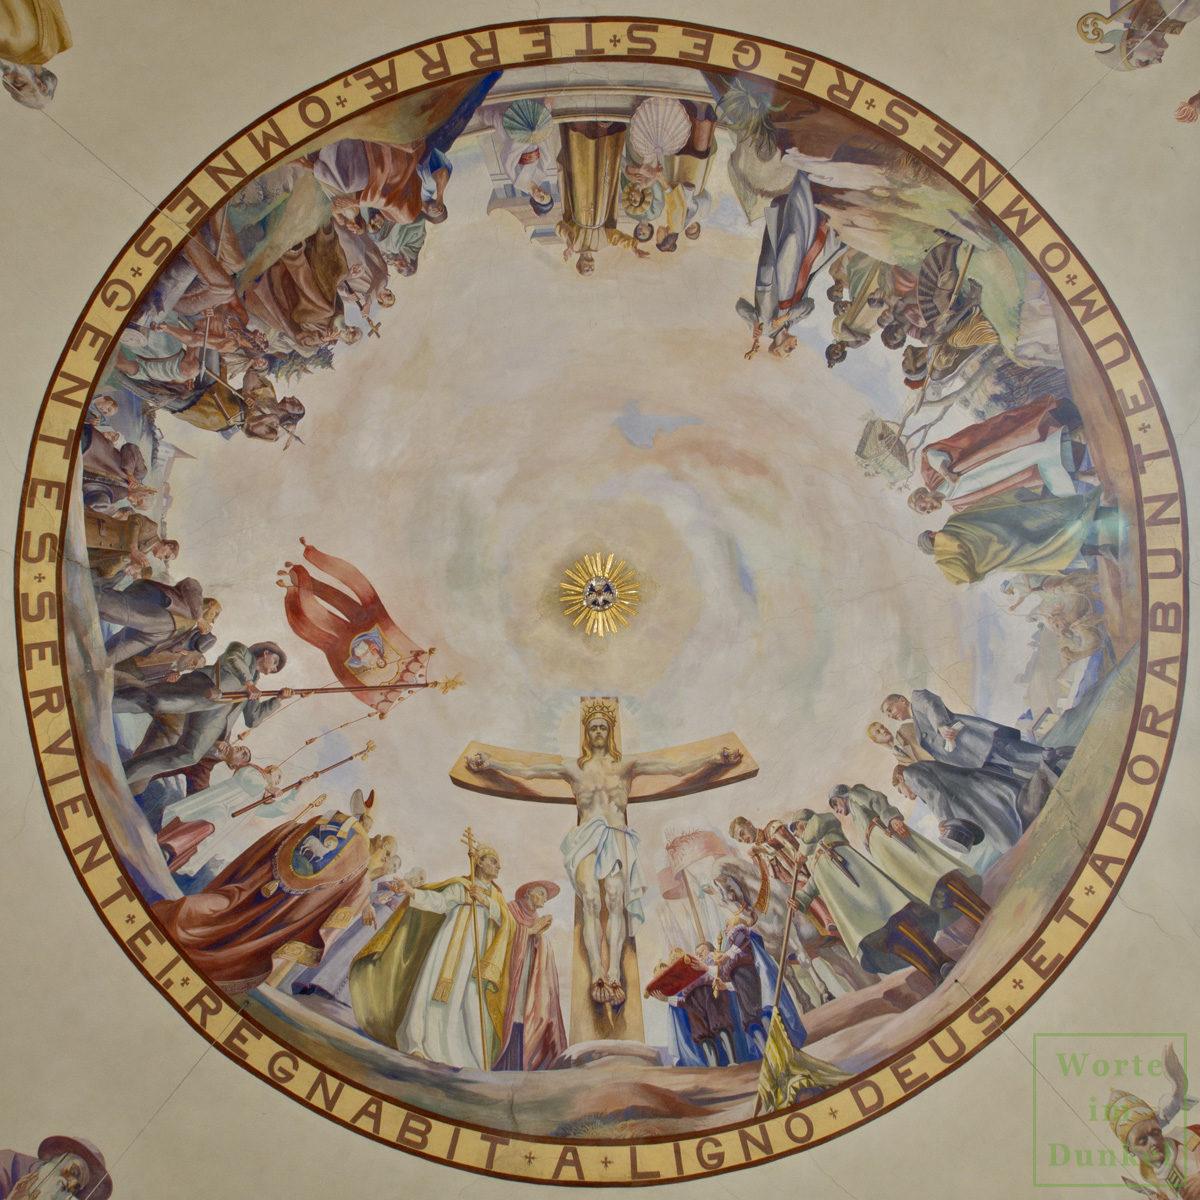 Deckenfresko von 1935 – Herrscher und Völker der ganzen Welt huldigen dem gekreuzigten Jesus Christus, der eine goldene Krone trägt.